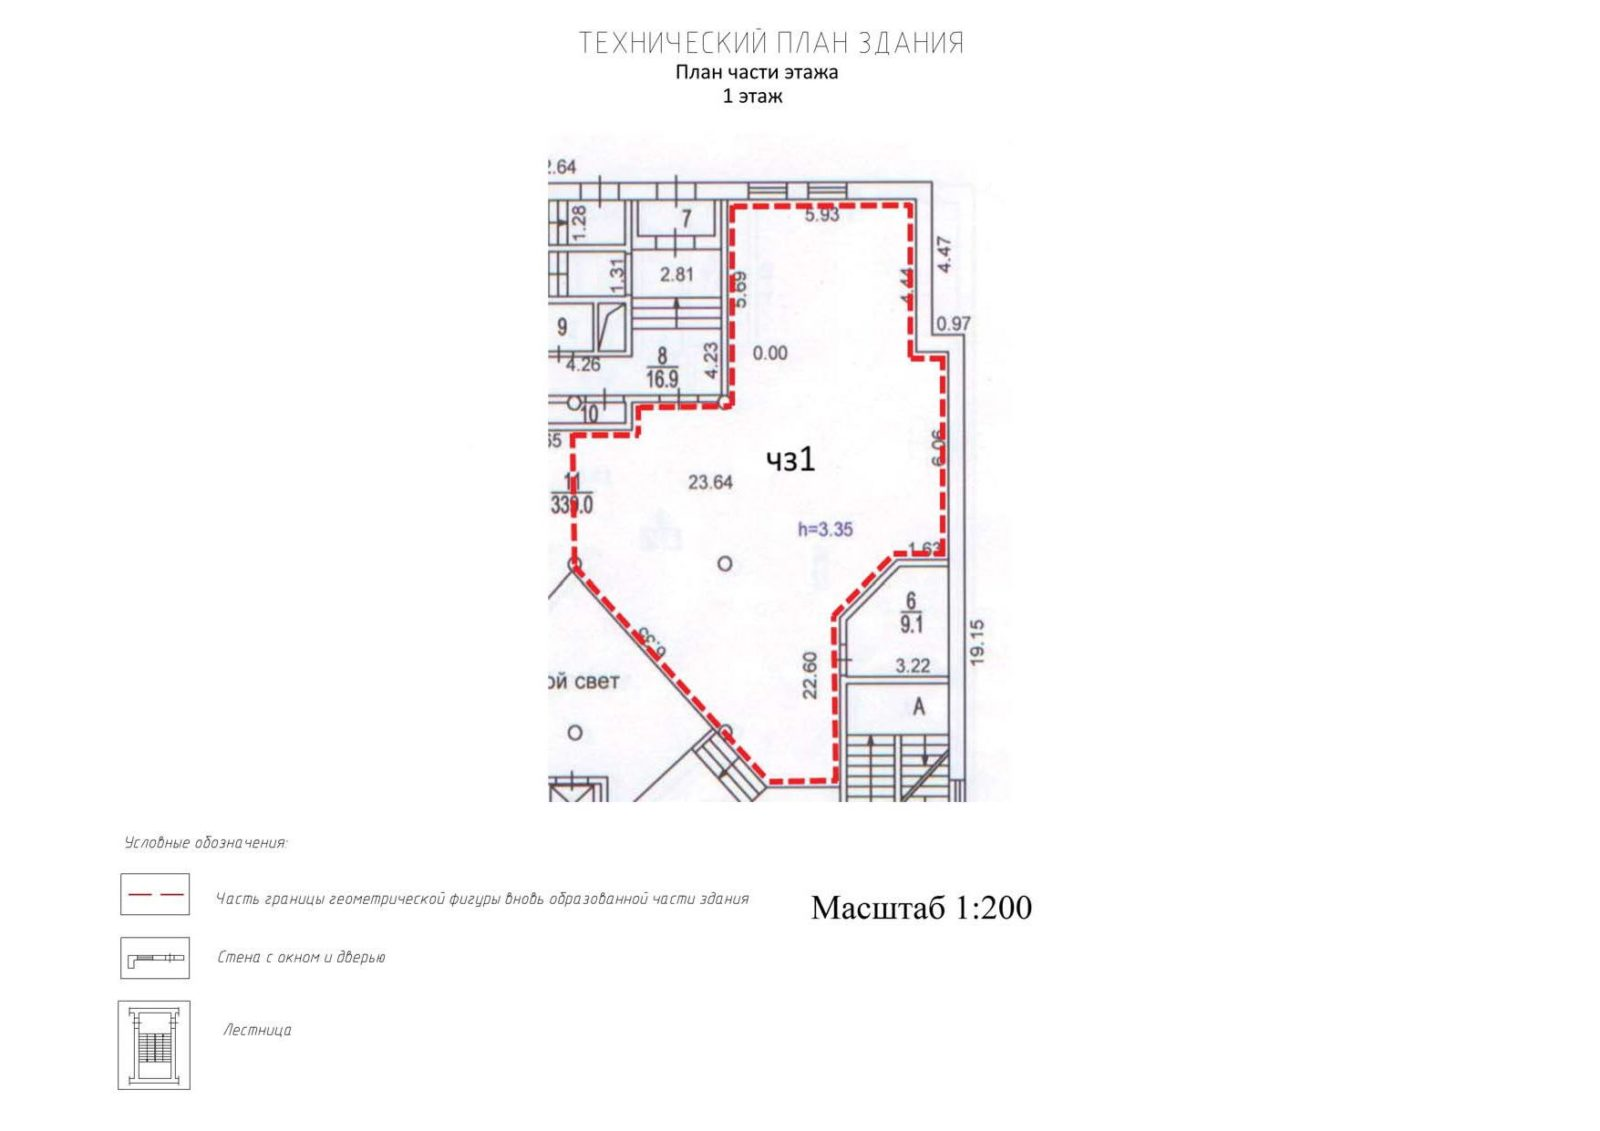 План части этажа для технического плана изначально описывается в договоре. Стороны могут приложить схему, отметить на ней границы и местоположение арендуемой площади.